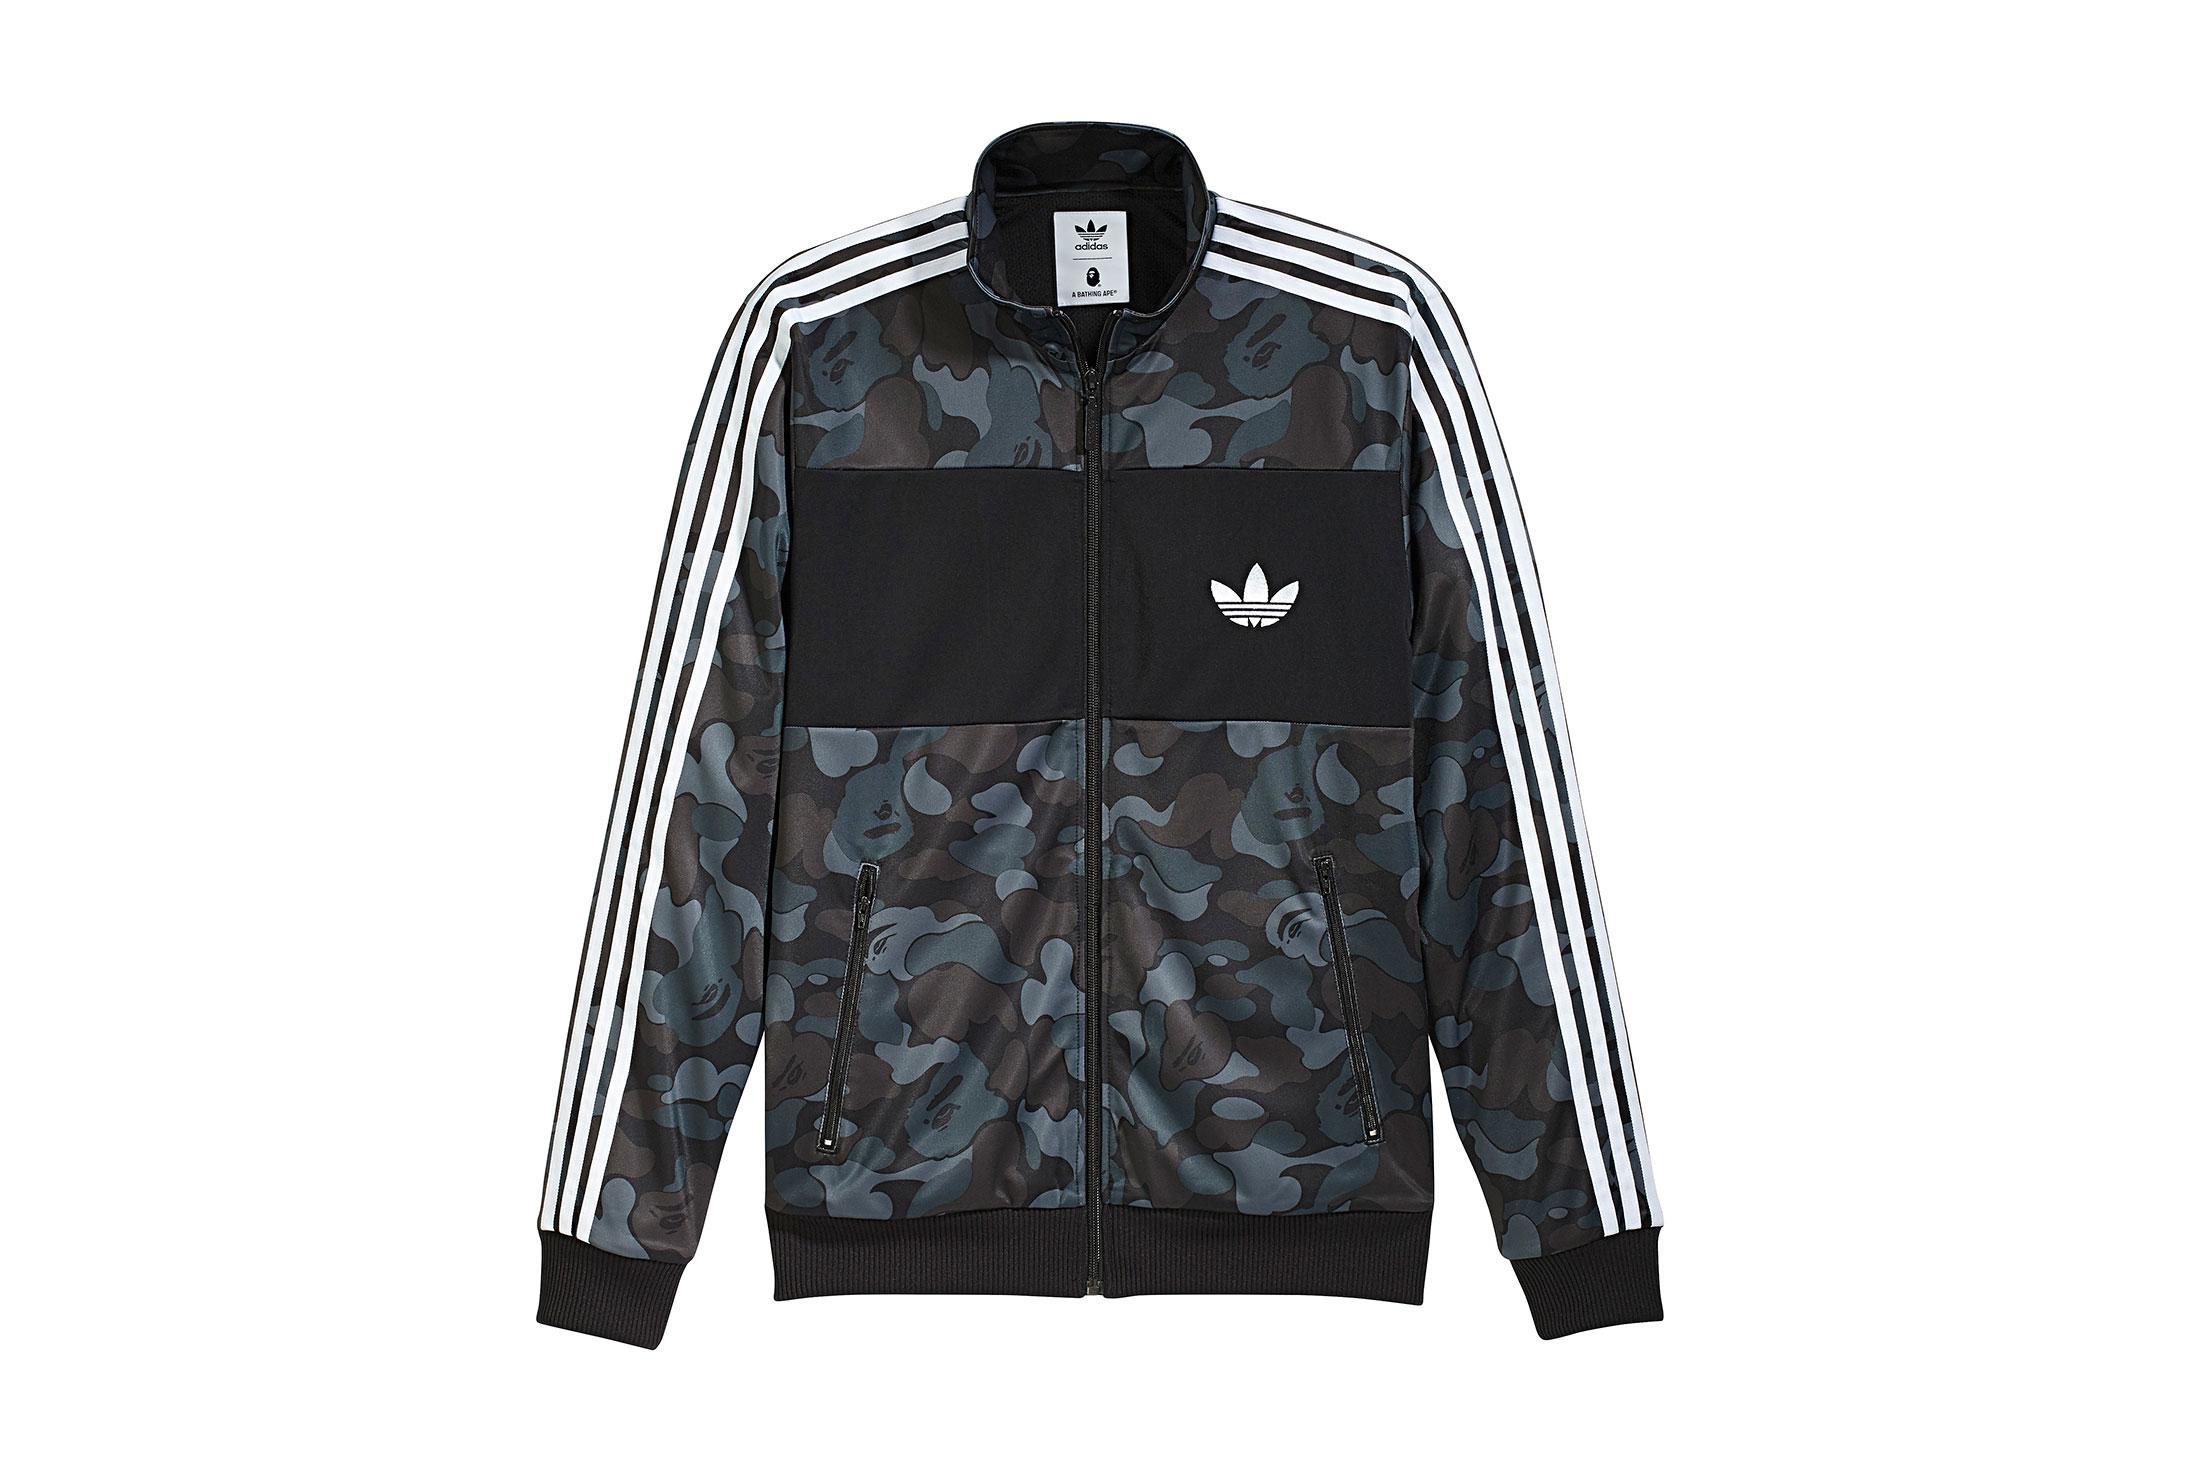 e11f9c29ae7f3 Lyst - A Bathing Ape X Adidas Abc Camo Track Jacket Black in Black ...